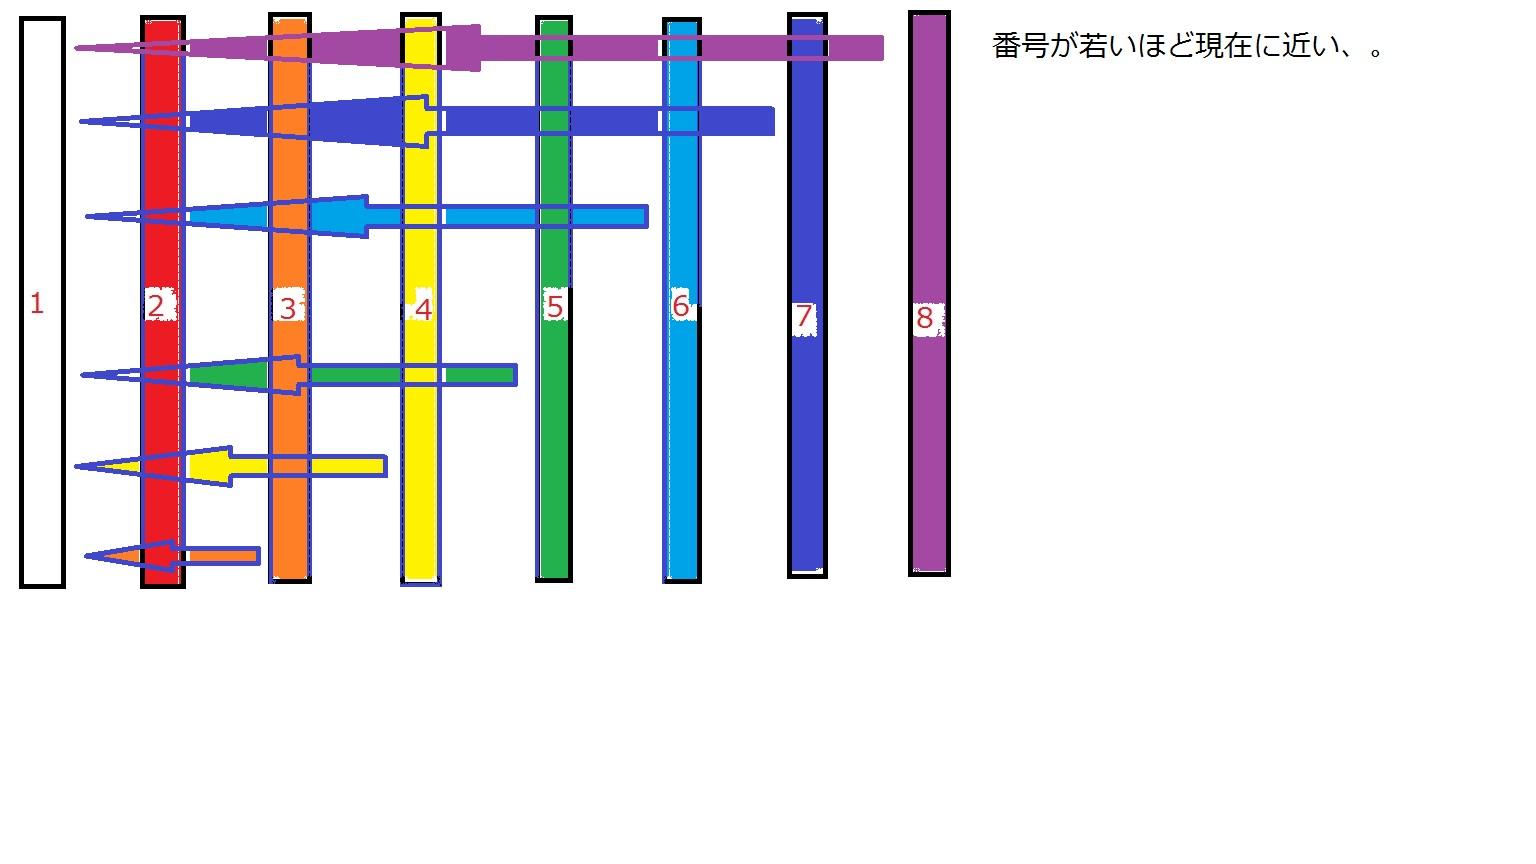 無題.7.jpg